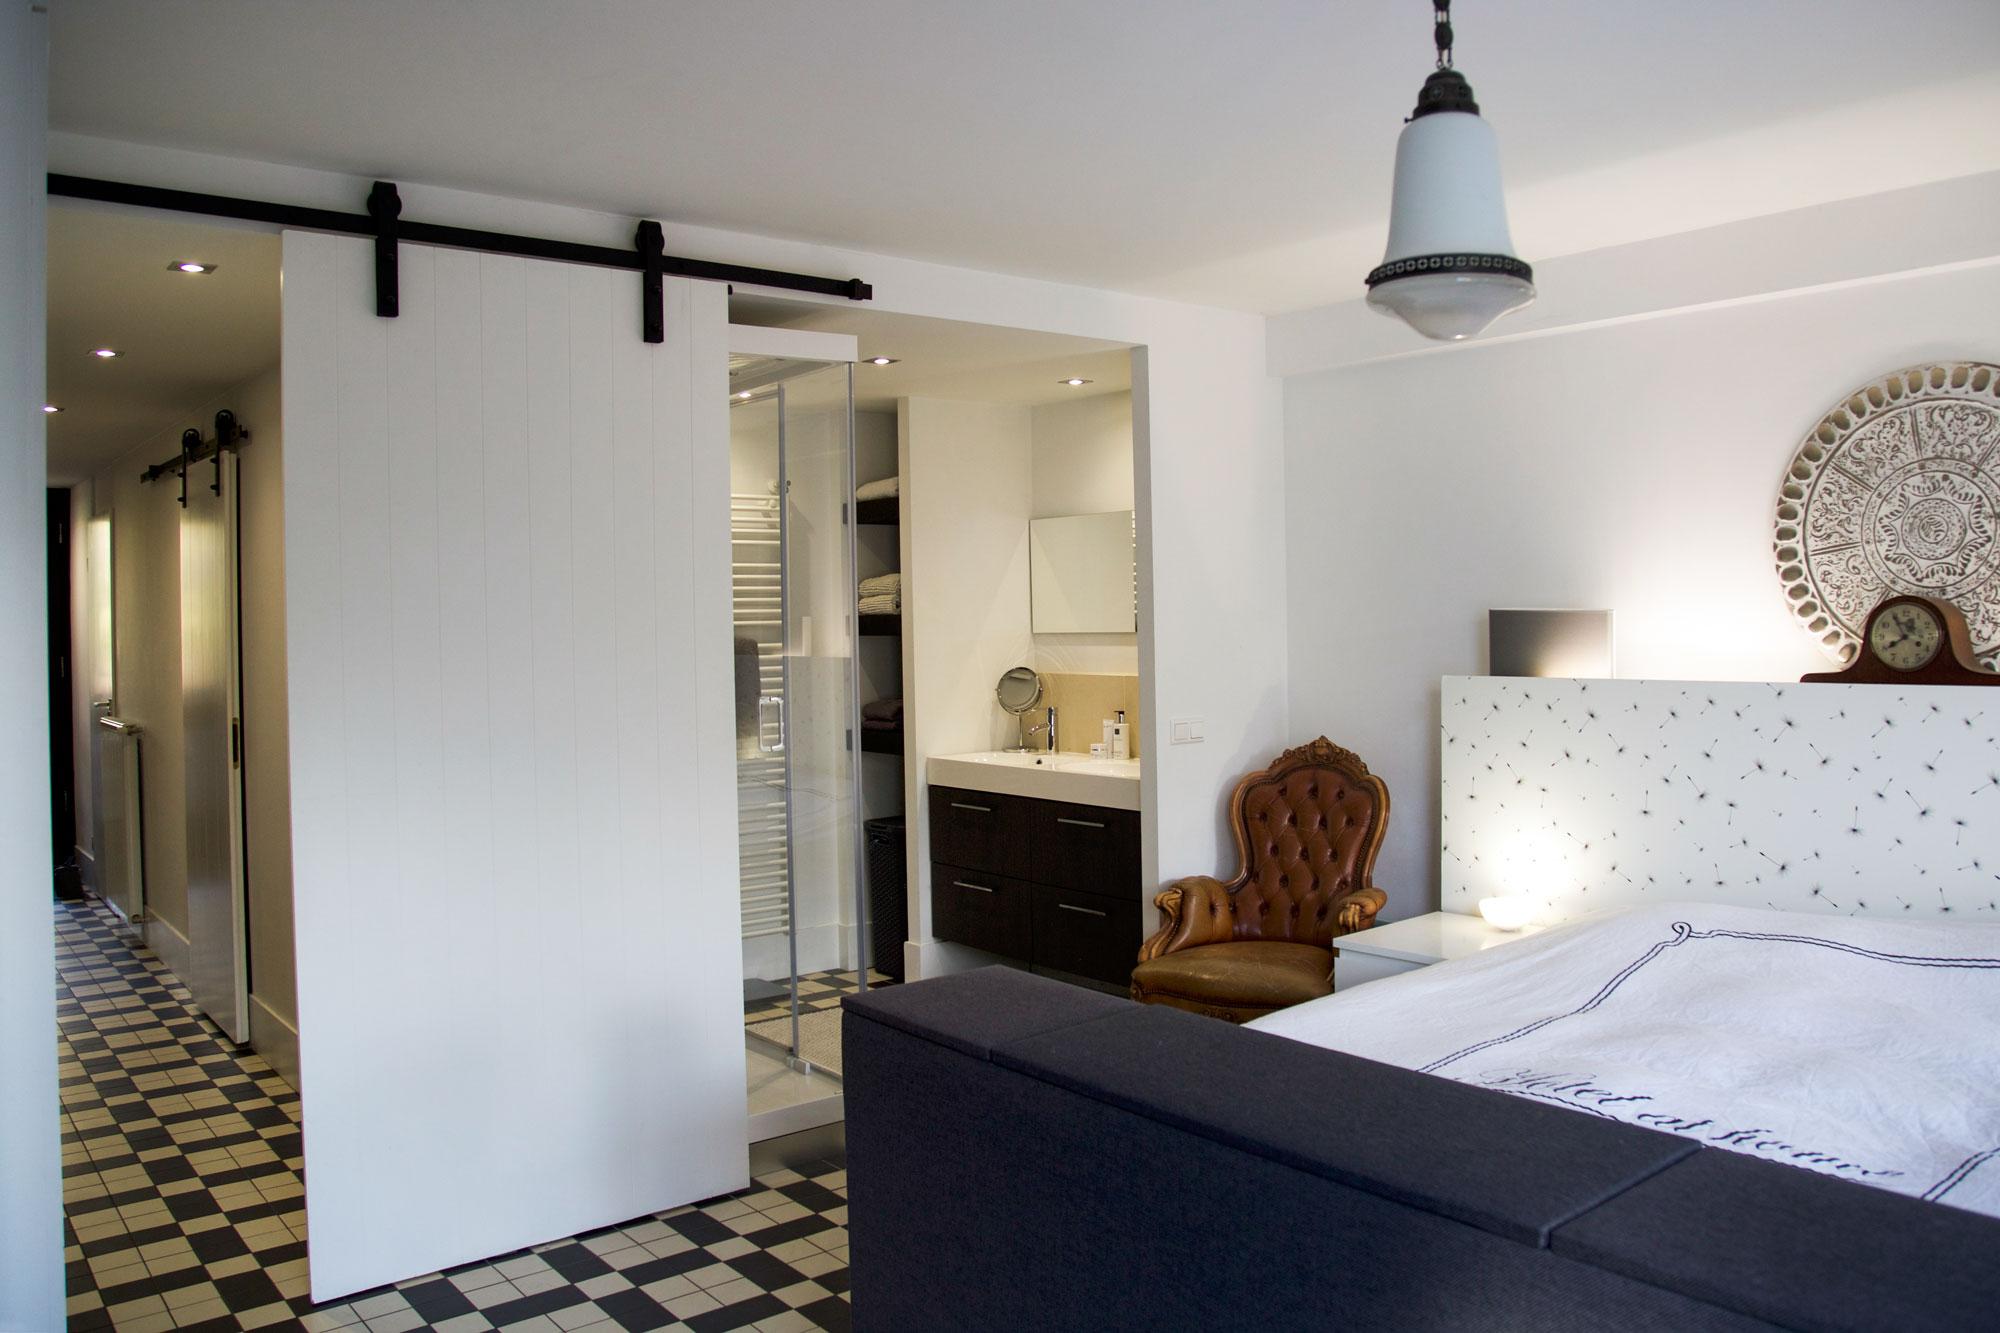 slaapkamer-in-zwart-wit - Blos Interieur